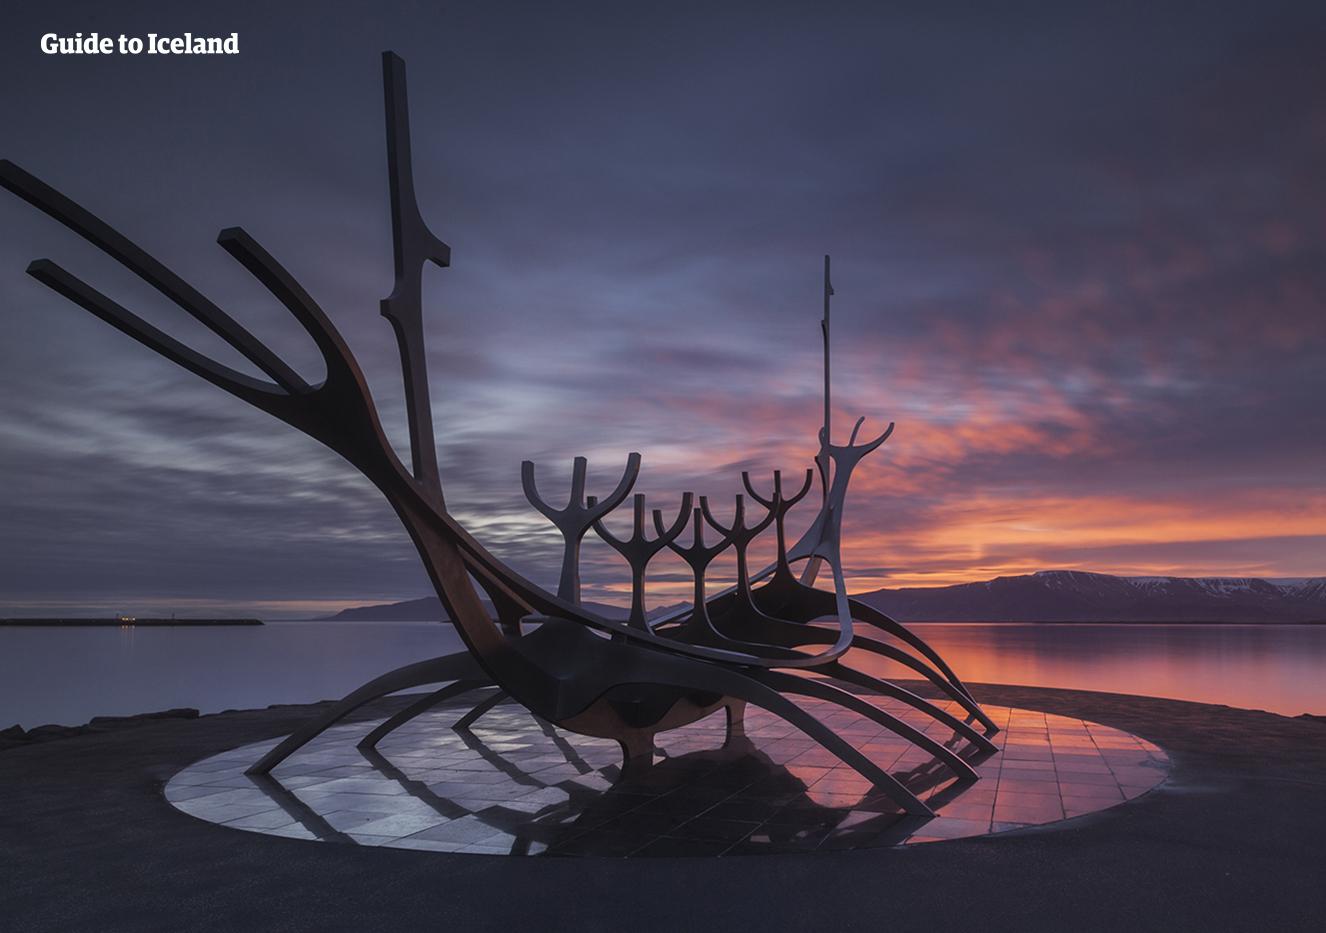 11-dniowa budżetowa, samodzielna wycieczka po całej obwodnicy Islandii z Fiordami Wschodnimi i Myvatn - day 11